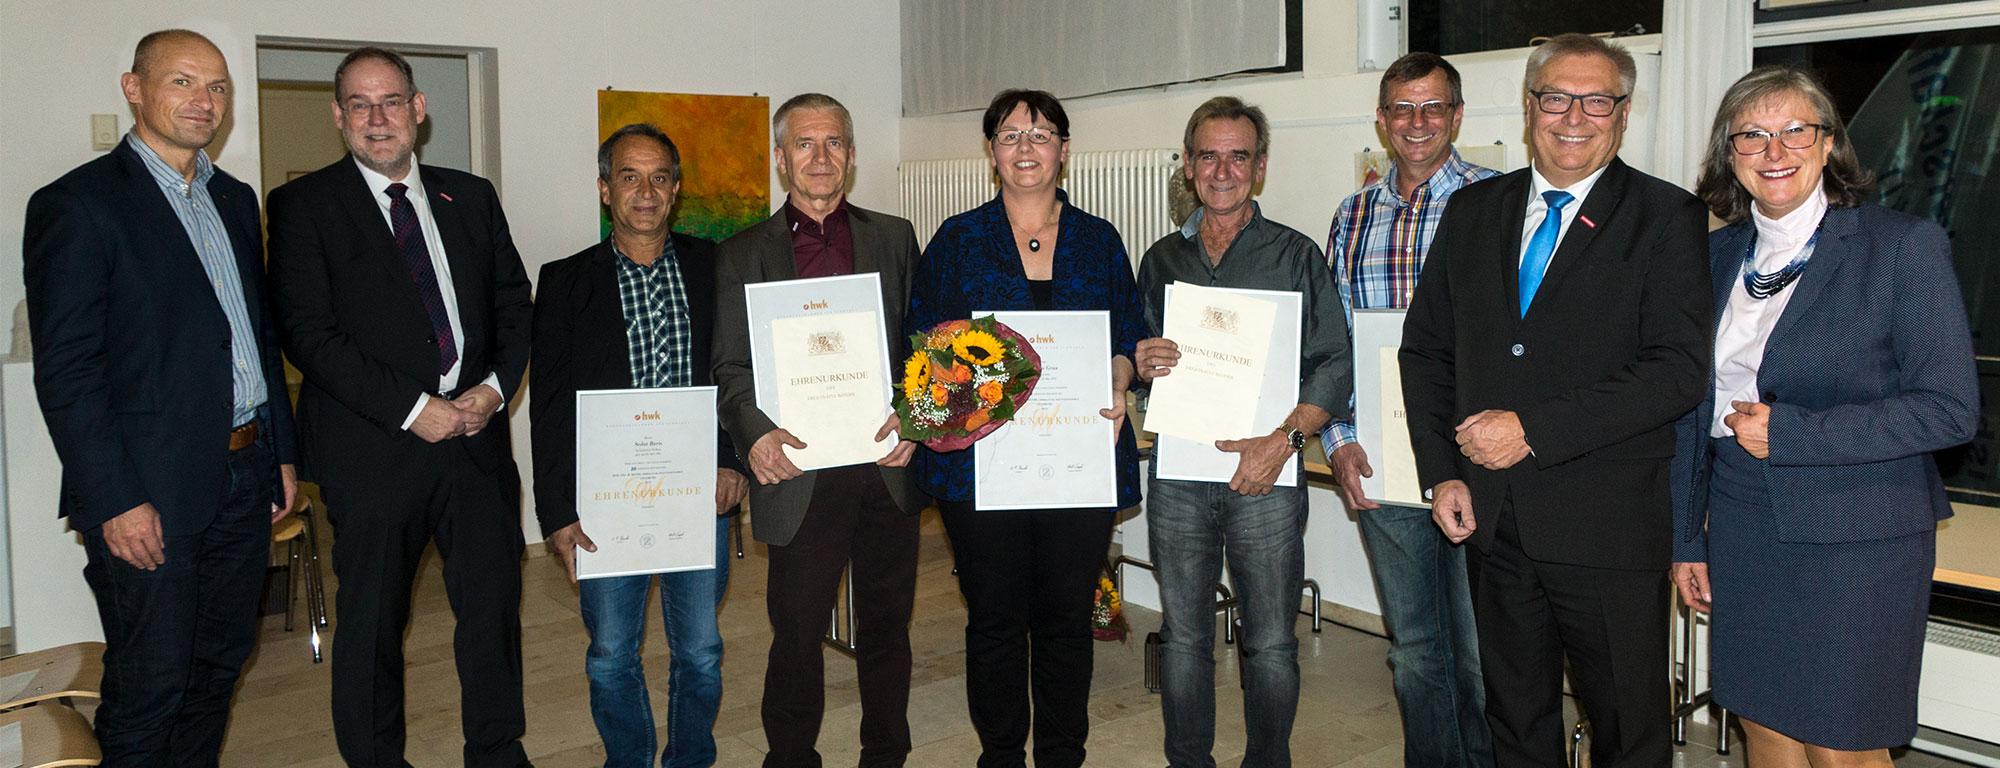 Handwerkskammer Schwben ehrt sechs Mitarbeiterjubilare vom Bauunternehmen bendl in Günzburg